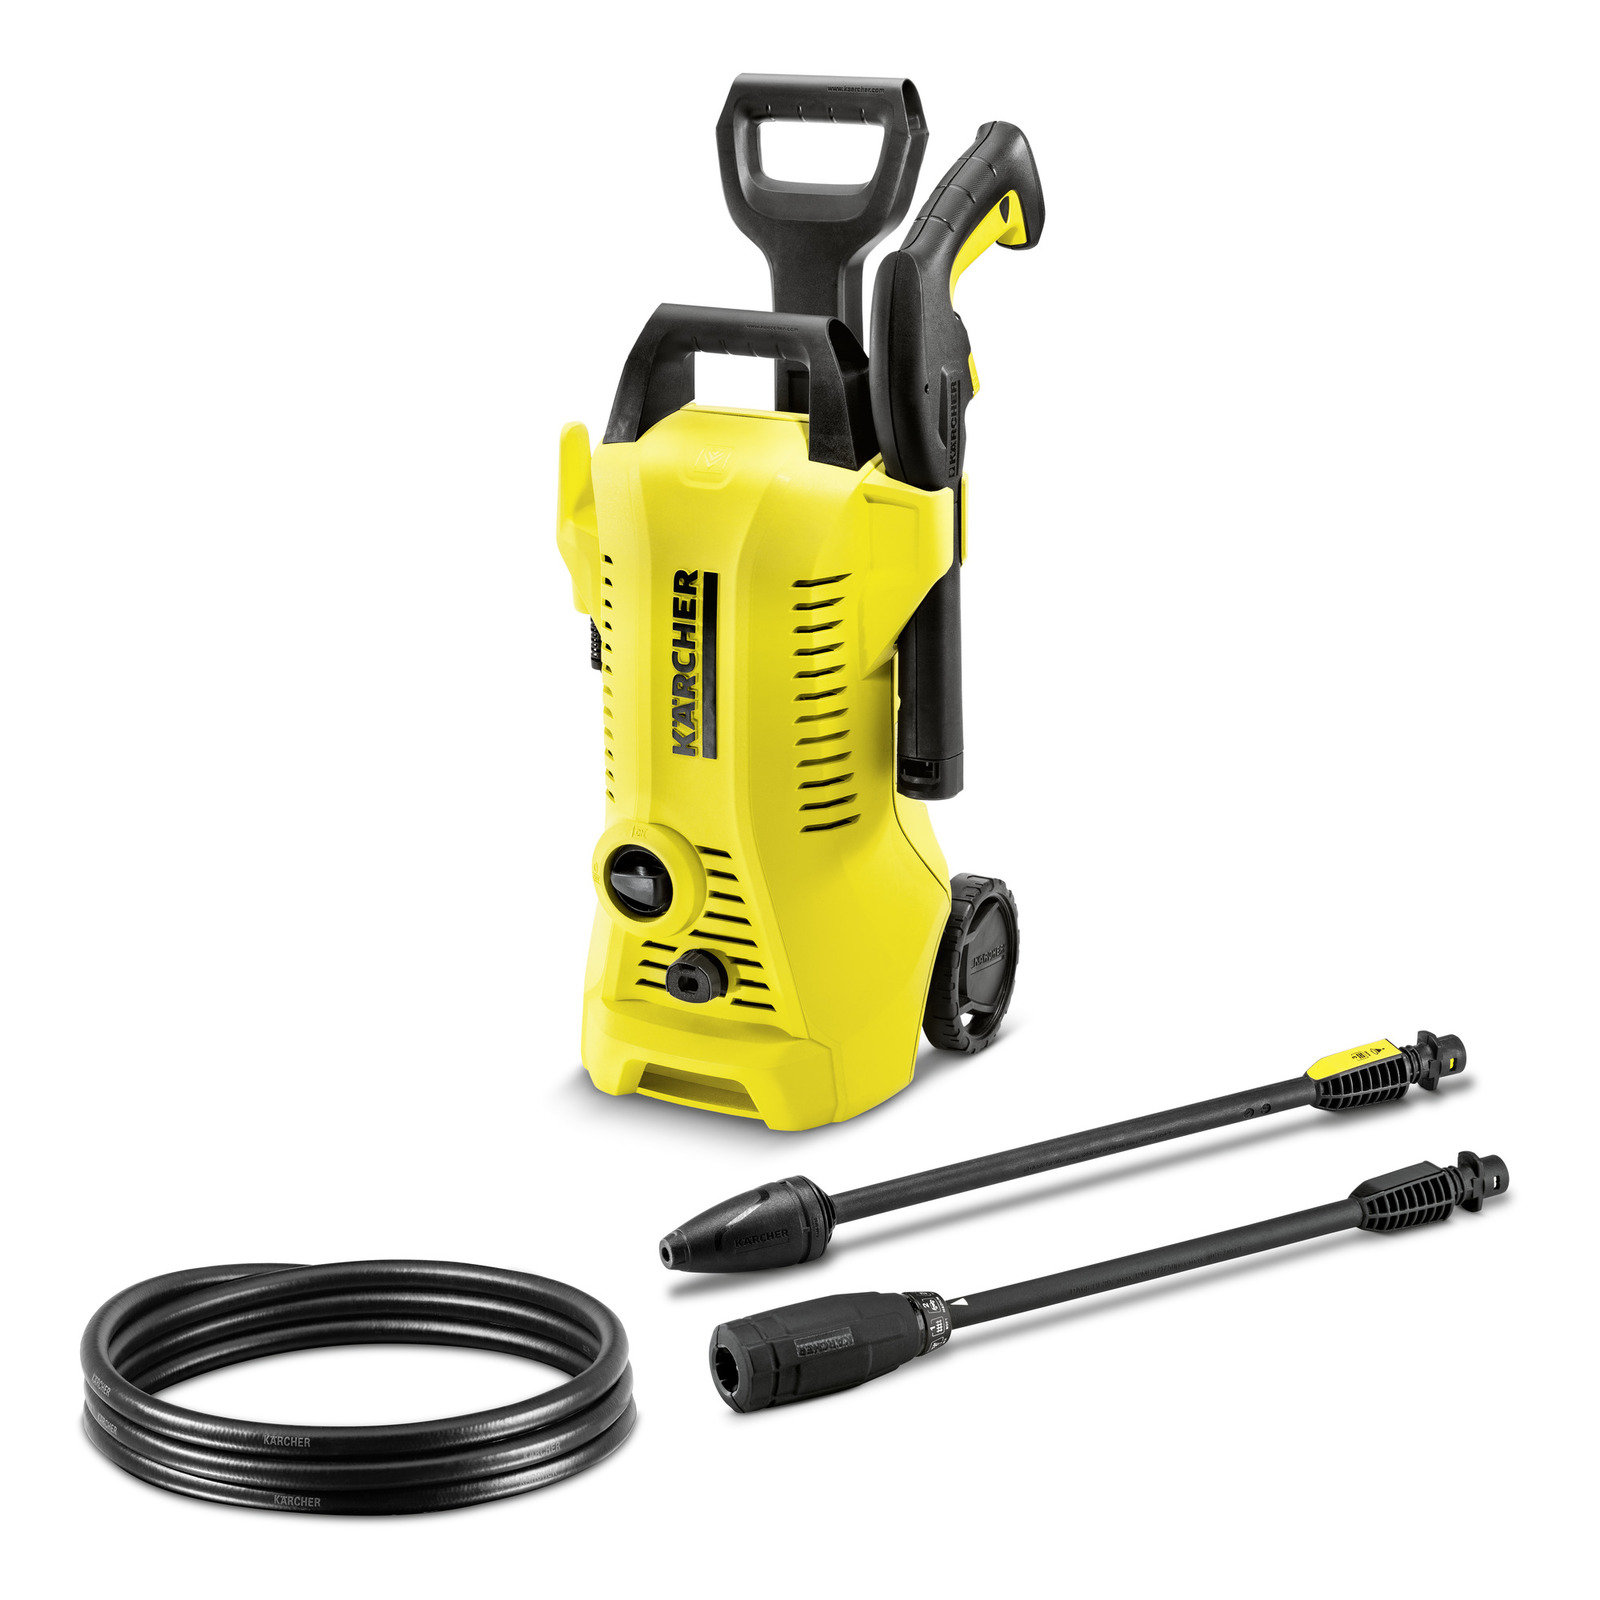 KARCHER 1.673-602.0 - K2 Power Control High Pressure Washer